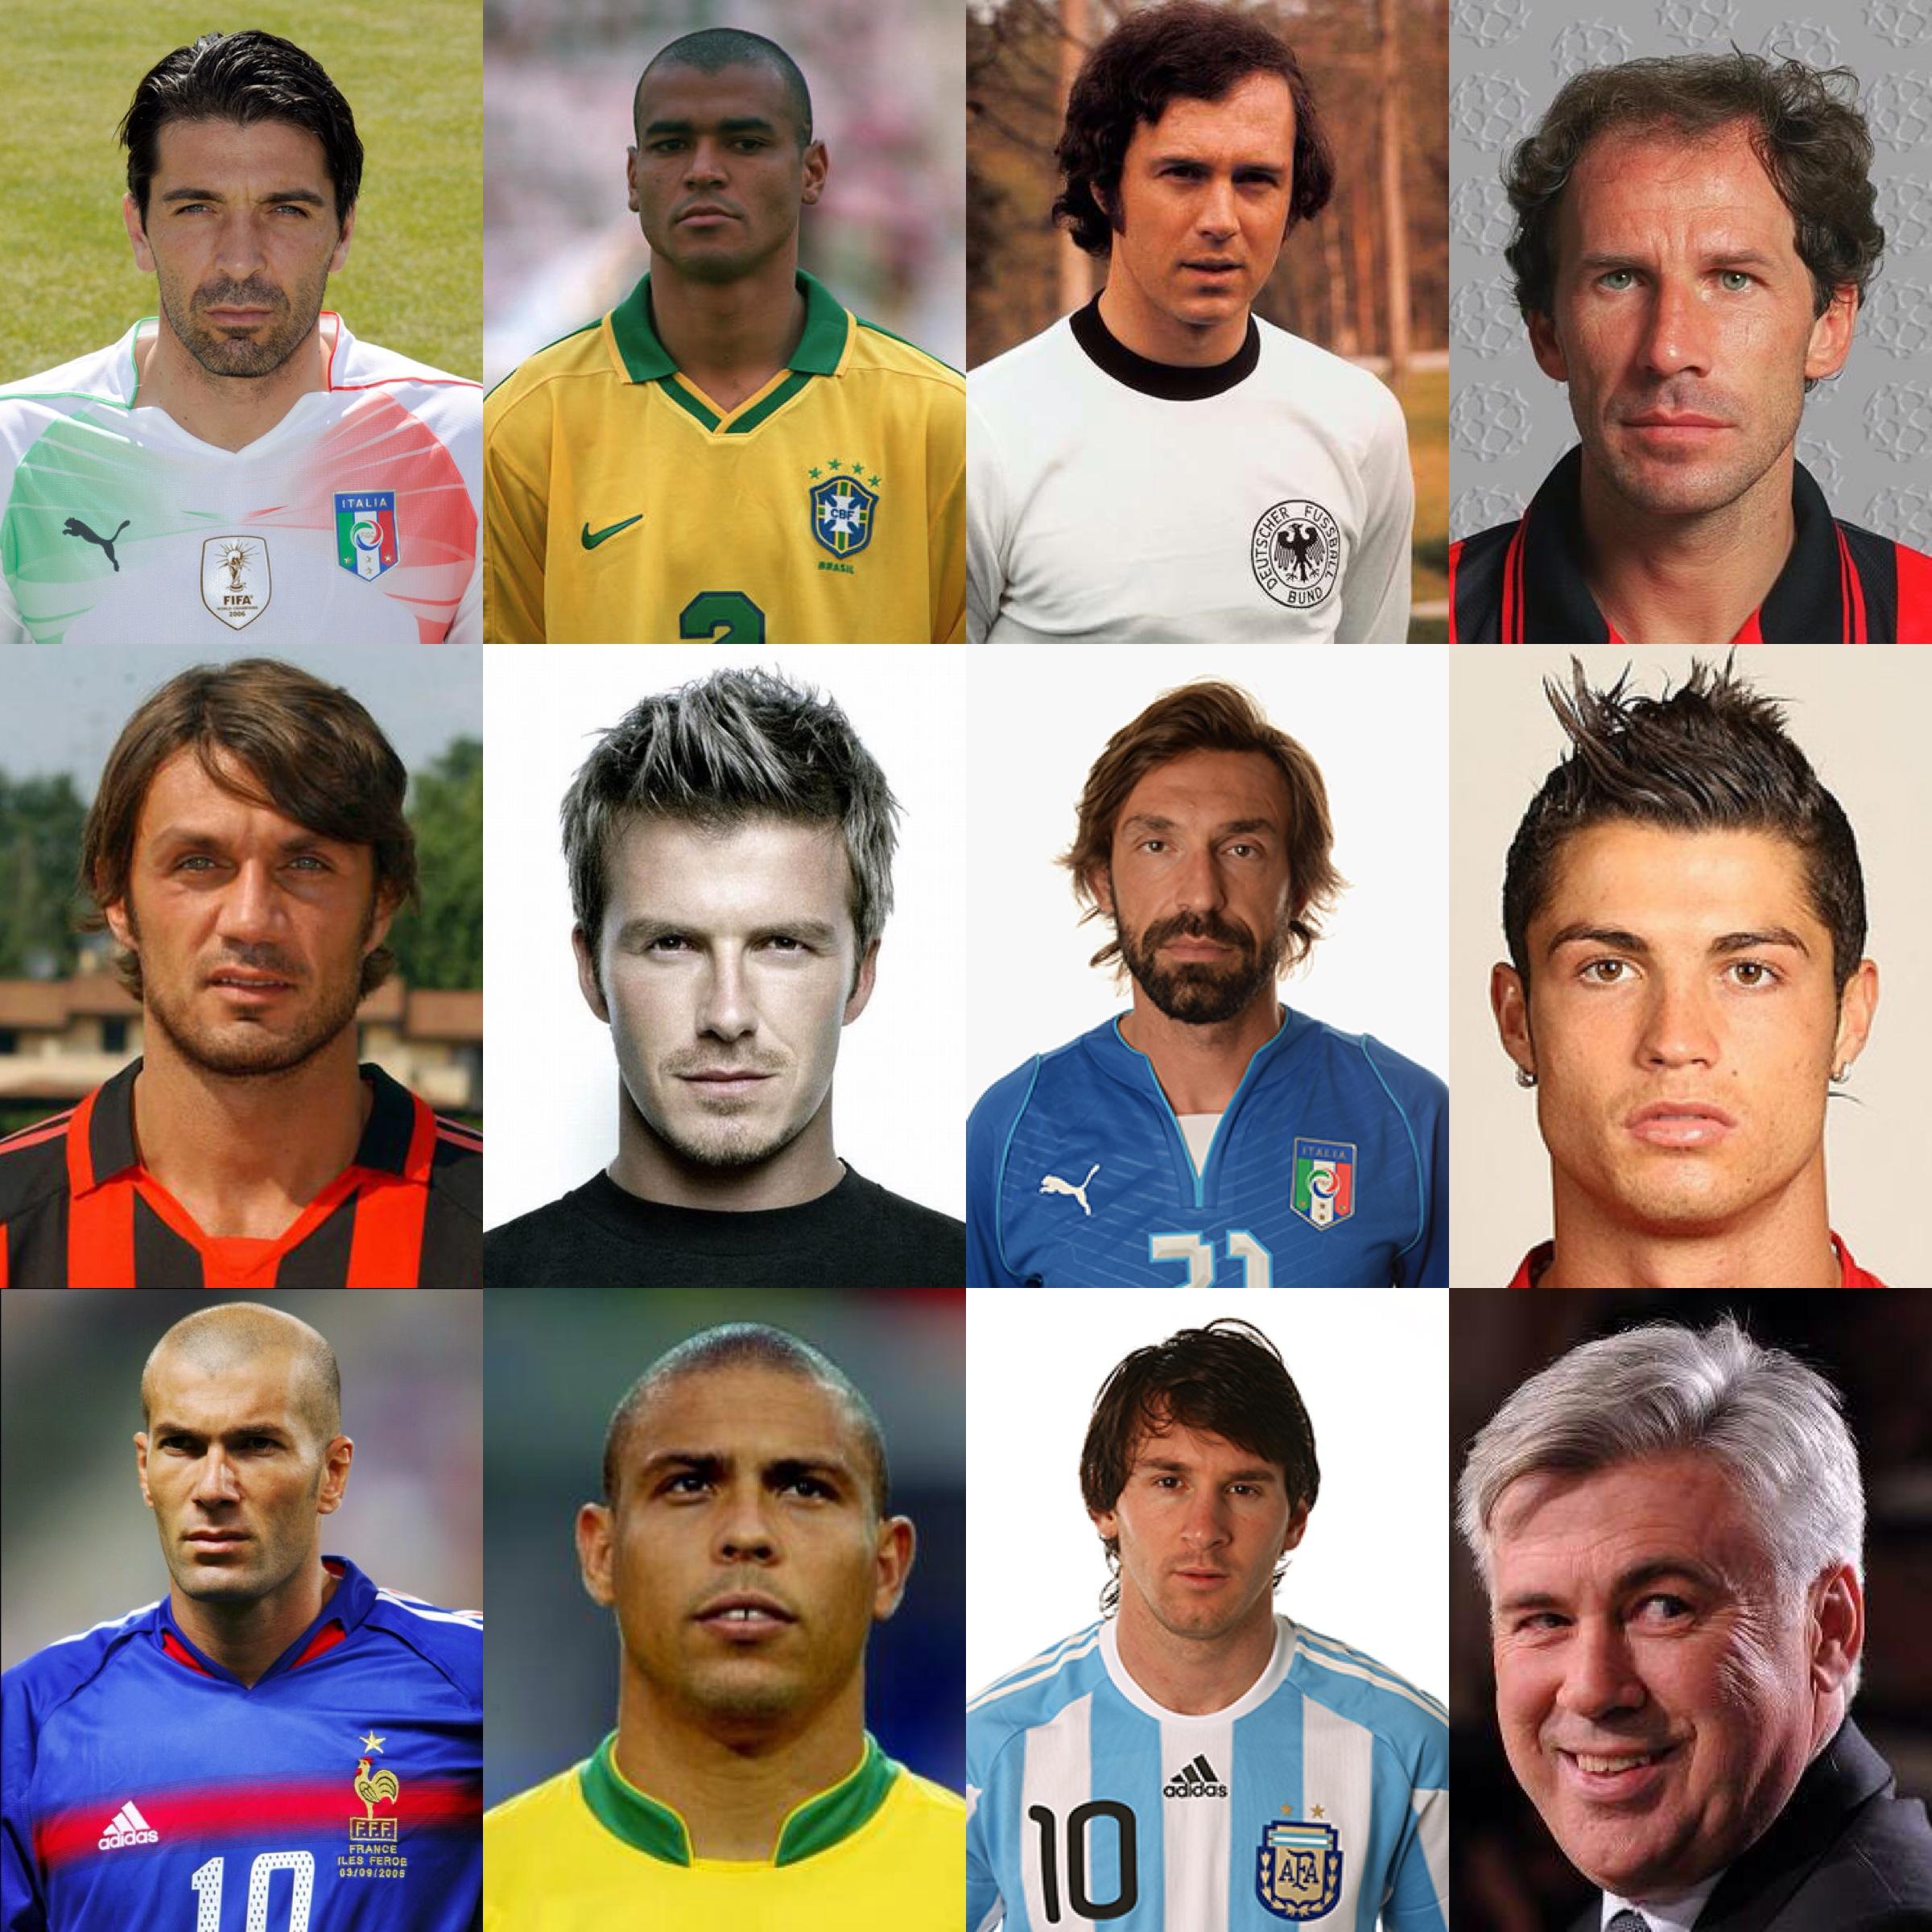 Pemain Sepak Bola Paling Loyal di Eropa